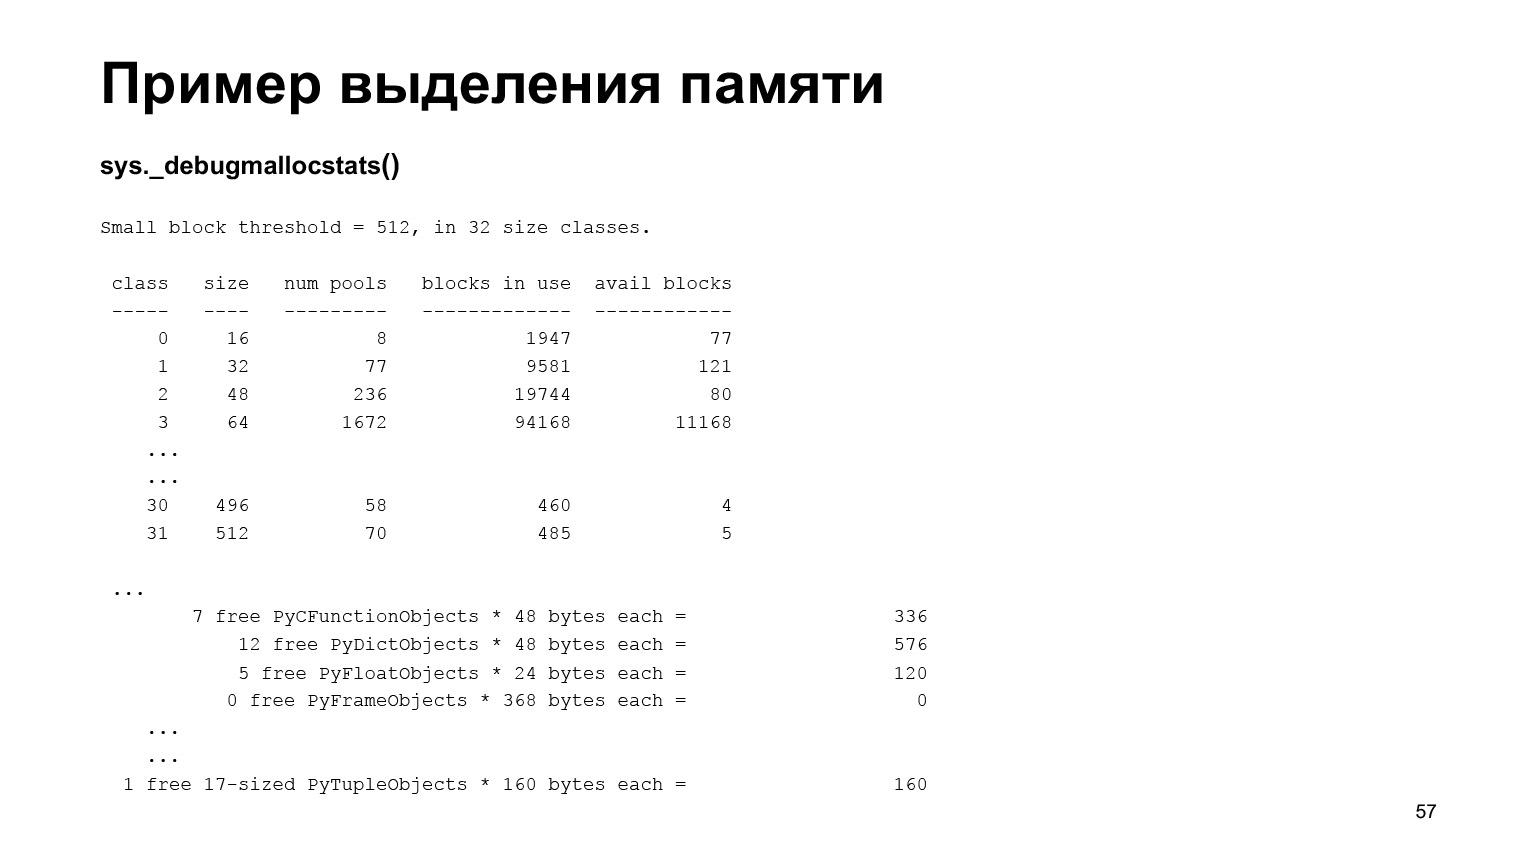 Устройство CPython. Доклад Яндекса - 40